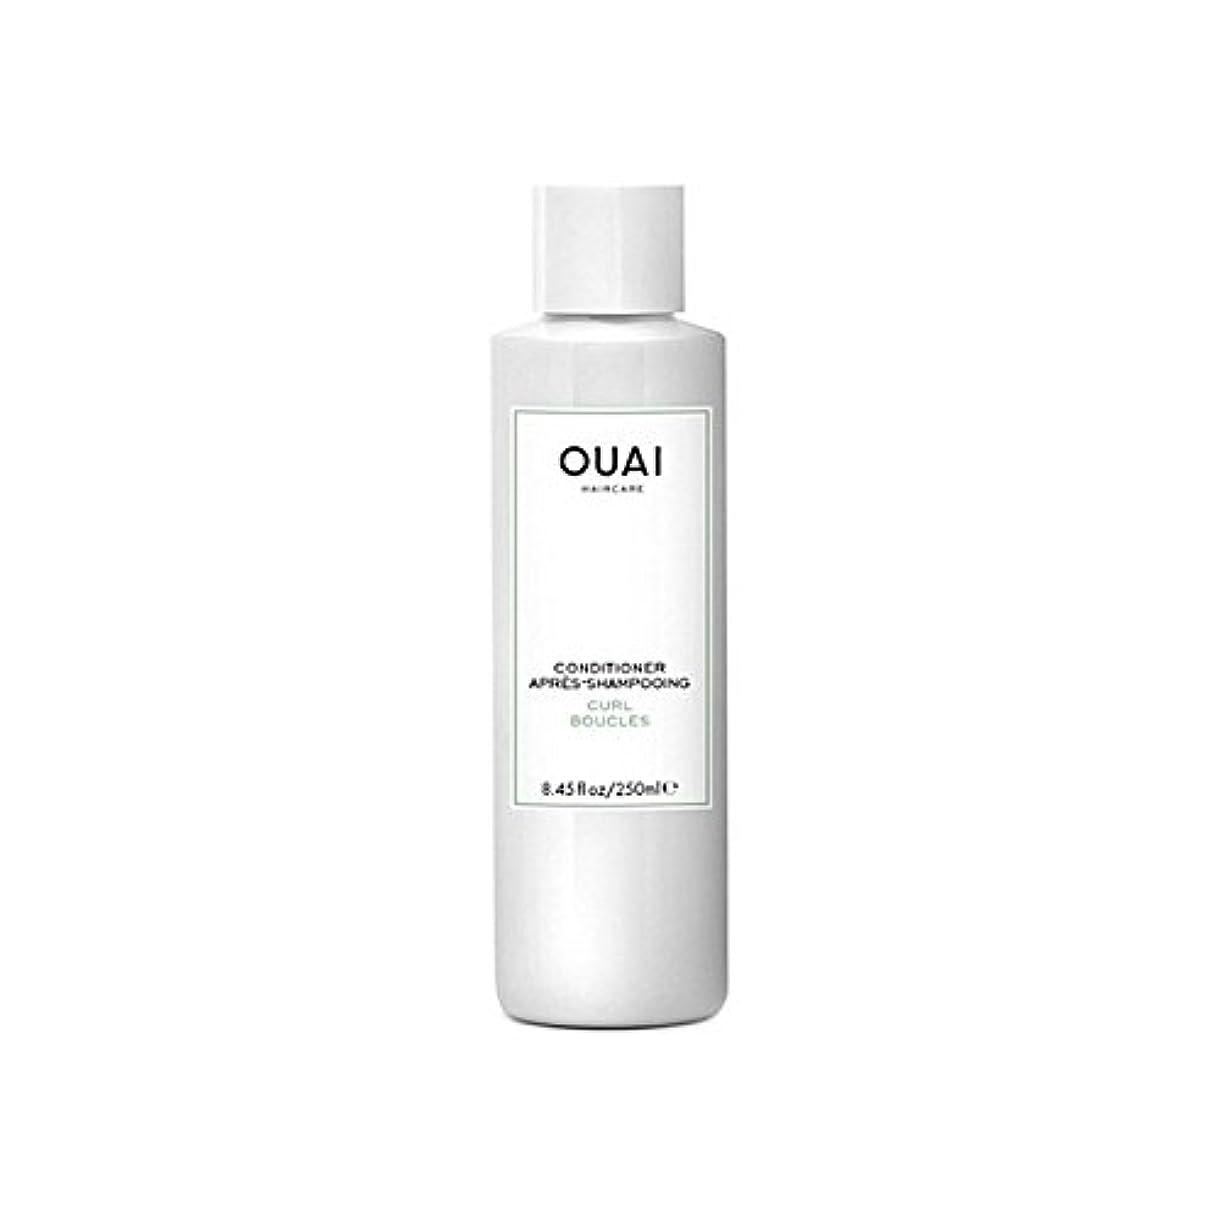 マウントバンクカンガルー尊敬するOuai Curl Conditioner 250ml (Pack of 6) - カールコンディショナー250 x6 [並行輸入品]